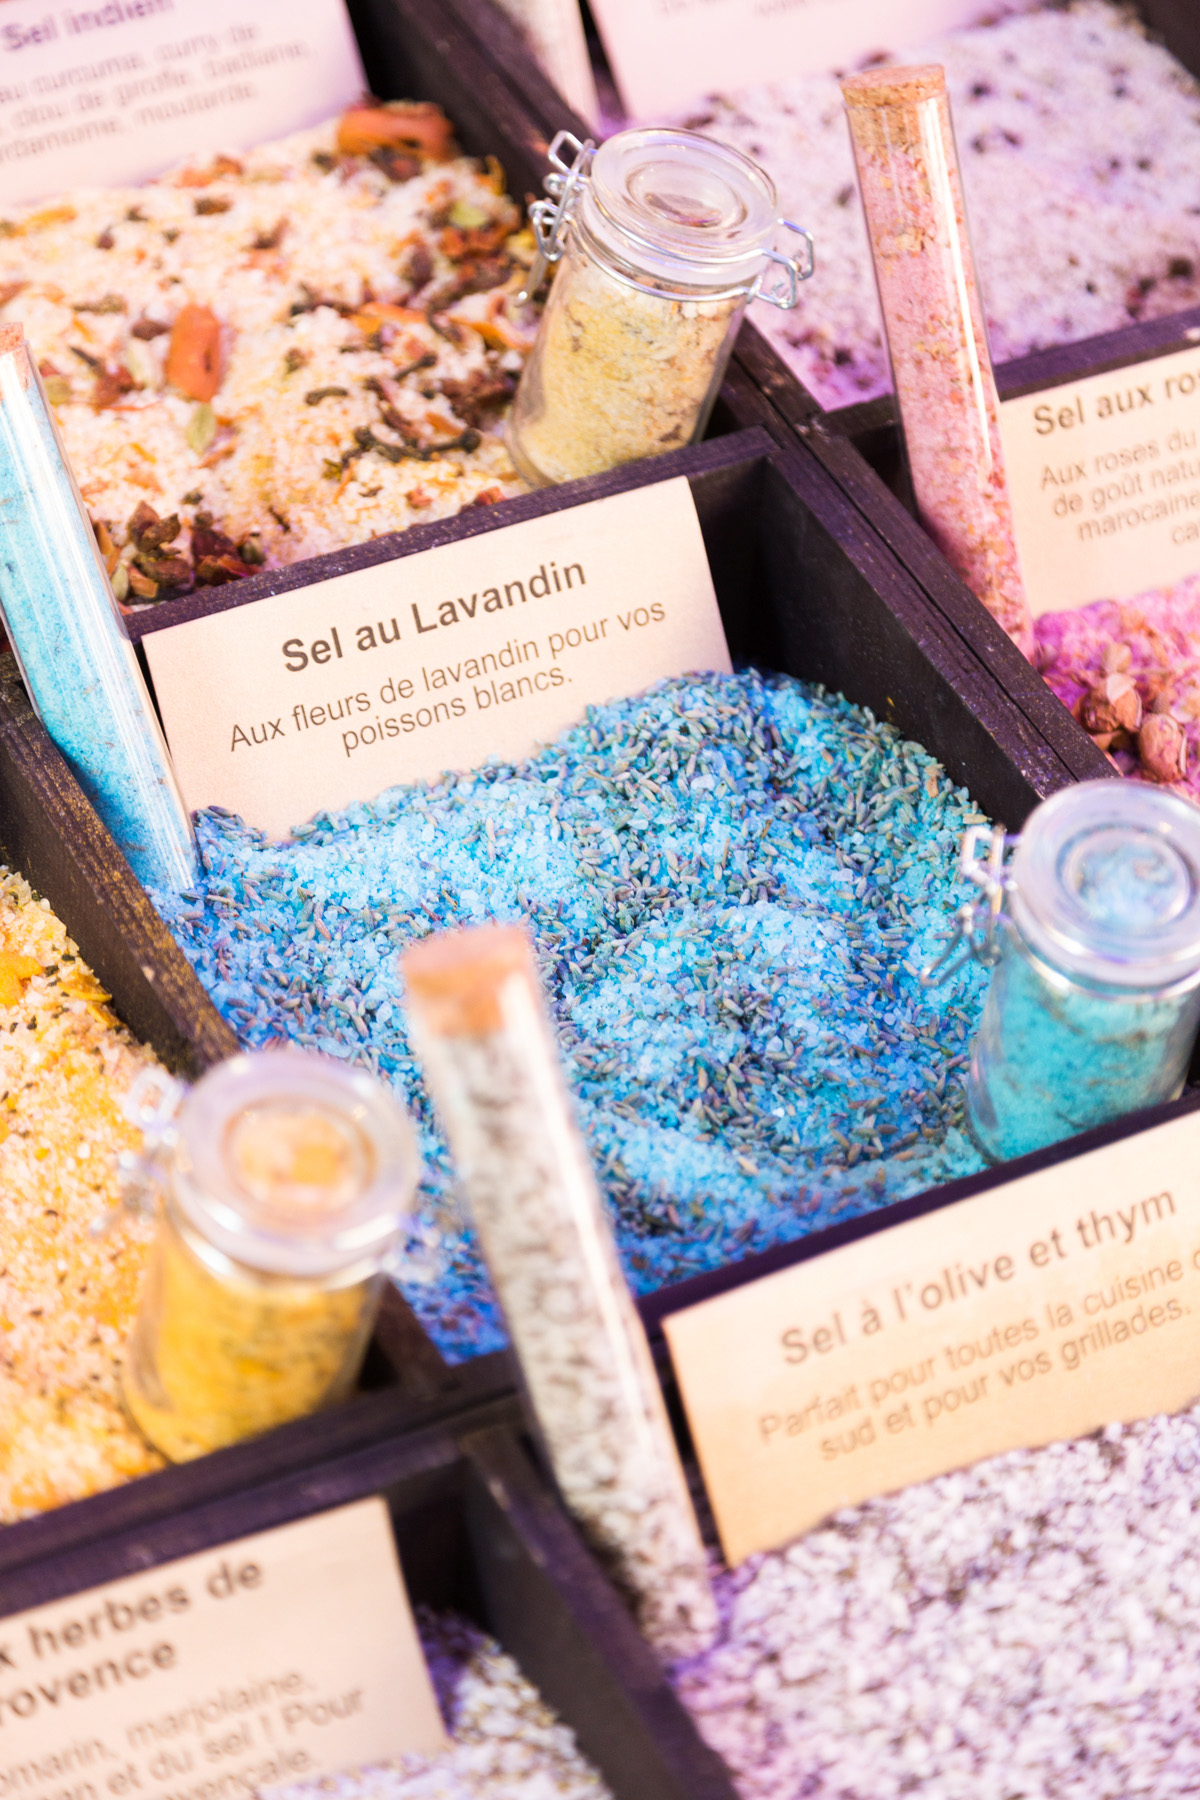 Artisan salt shop Old Town Nice